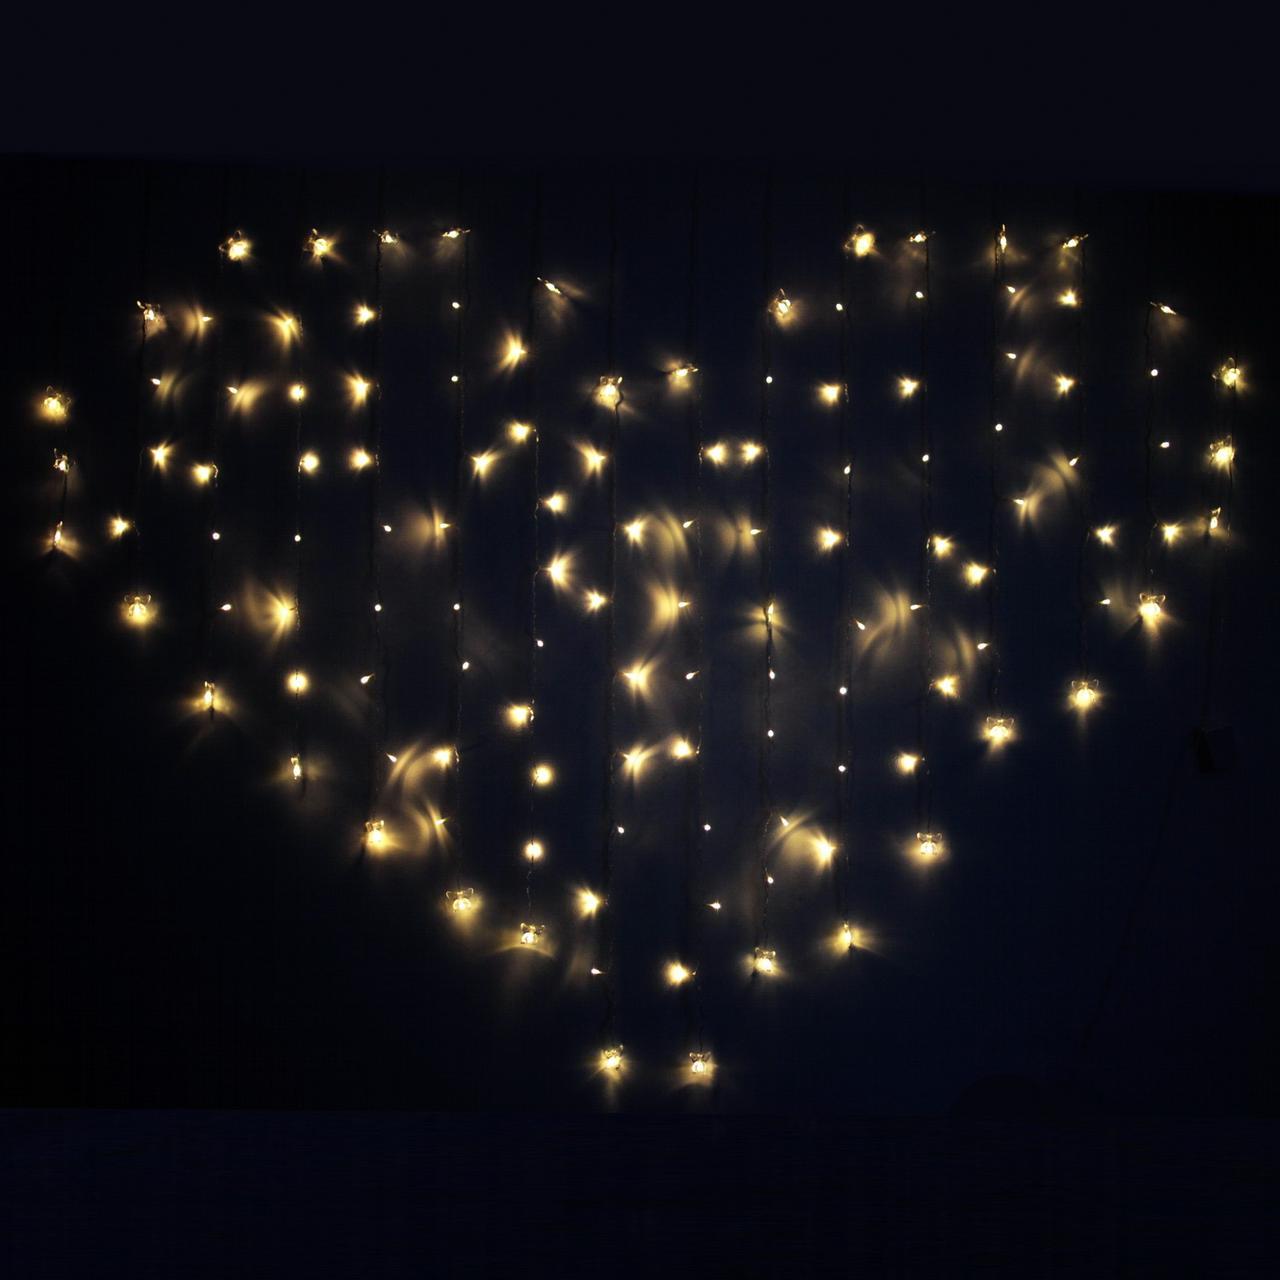 ✅Декоративная Светодиодная Гирлянда Штора Сердце ЛЕД Белая Теплая 2х1,5м 124LED ❤ Curtain Питание От Сети 220В